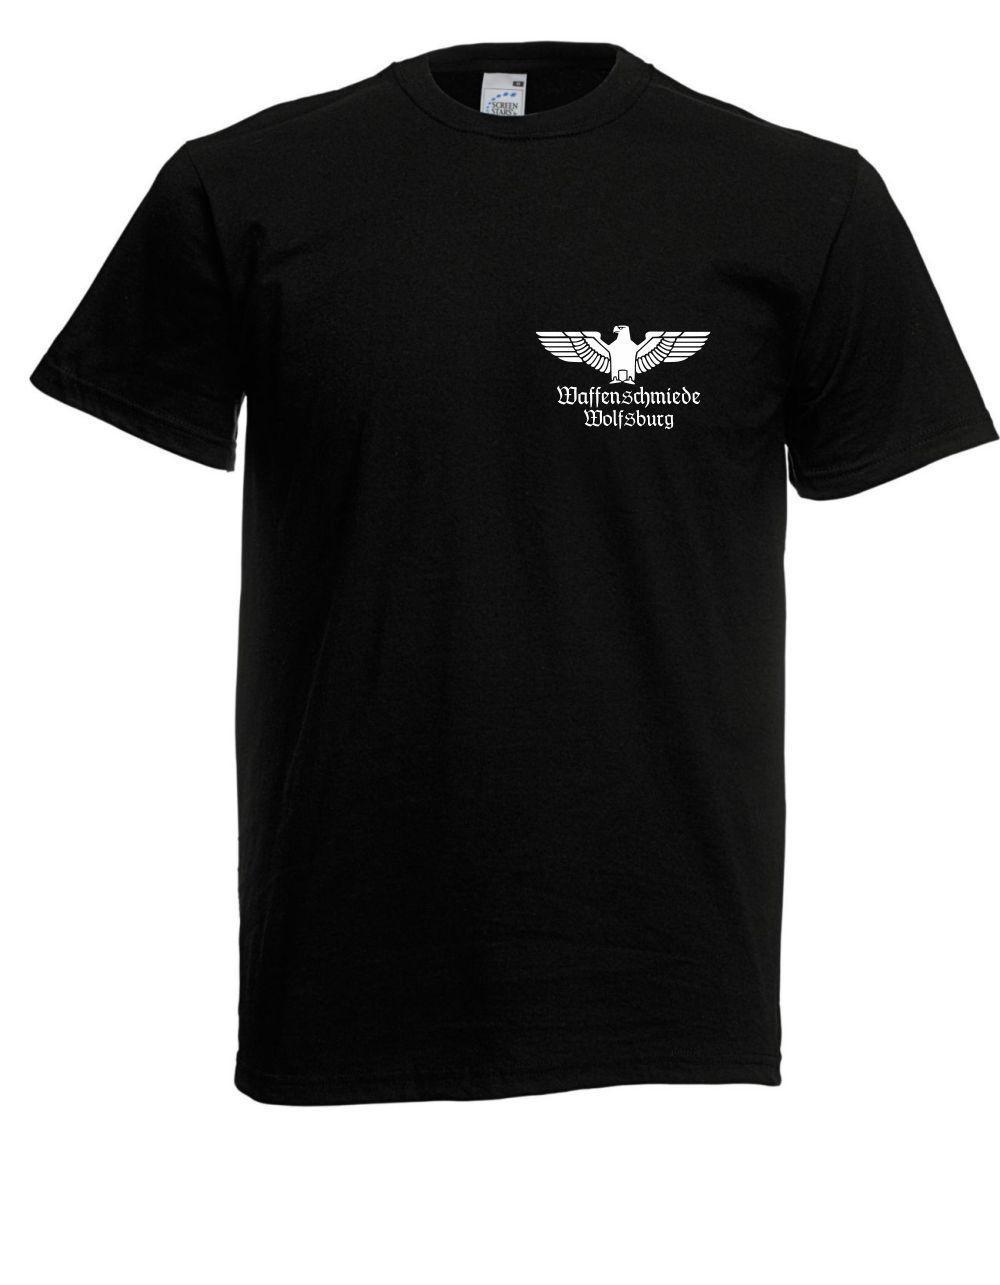 b3351089cf6f Men T Shirt 100% Cotton Print Shirts Herren T Shirt Waffenschmiede  Wolfsburg Front Ruckendruck Bis 5xl Tee Shirt Cheap T Shirts For Sale  Online One Day Only ...